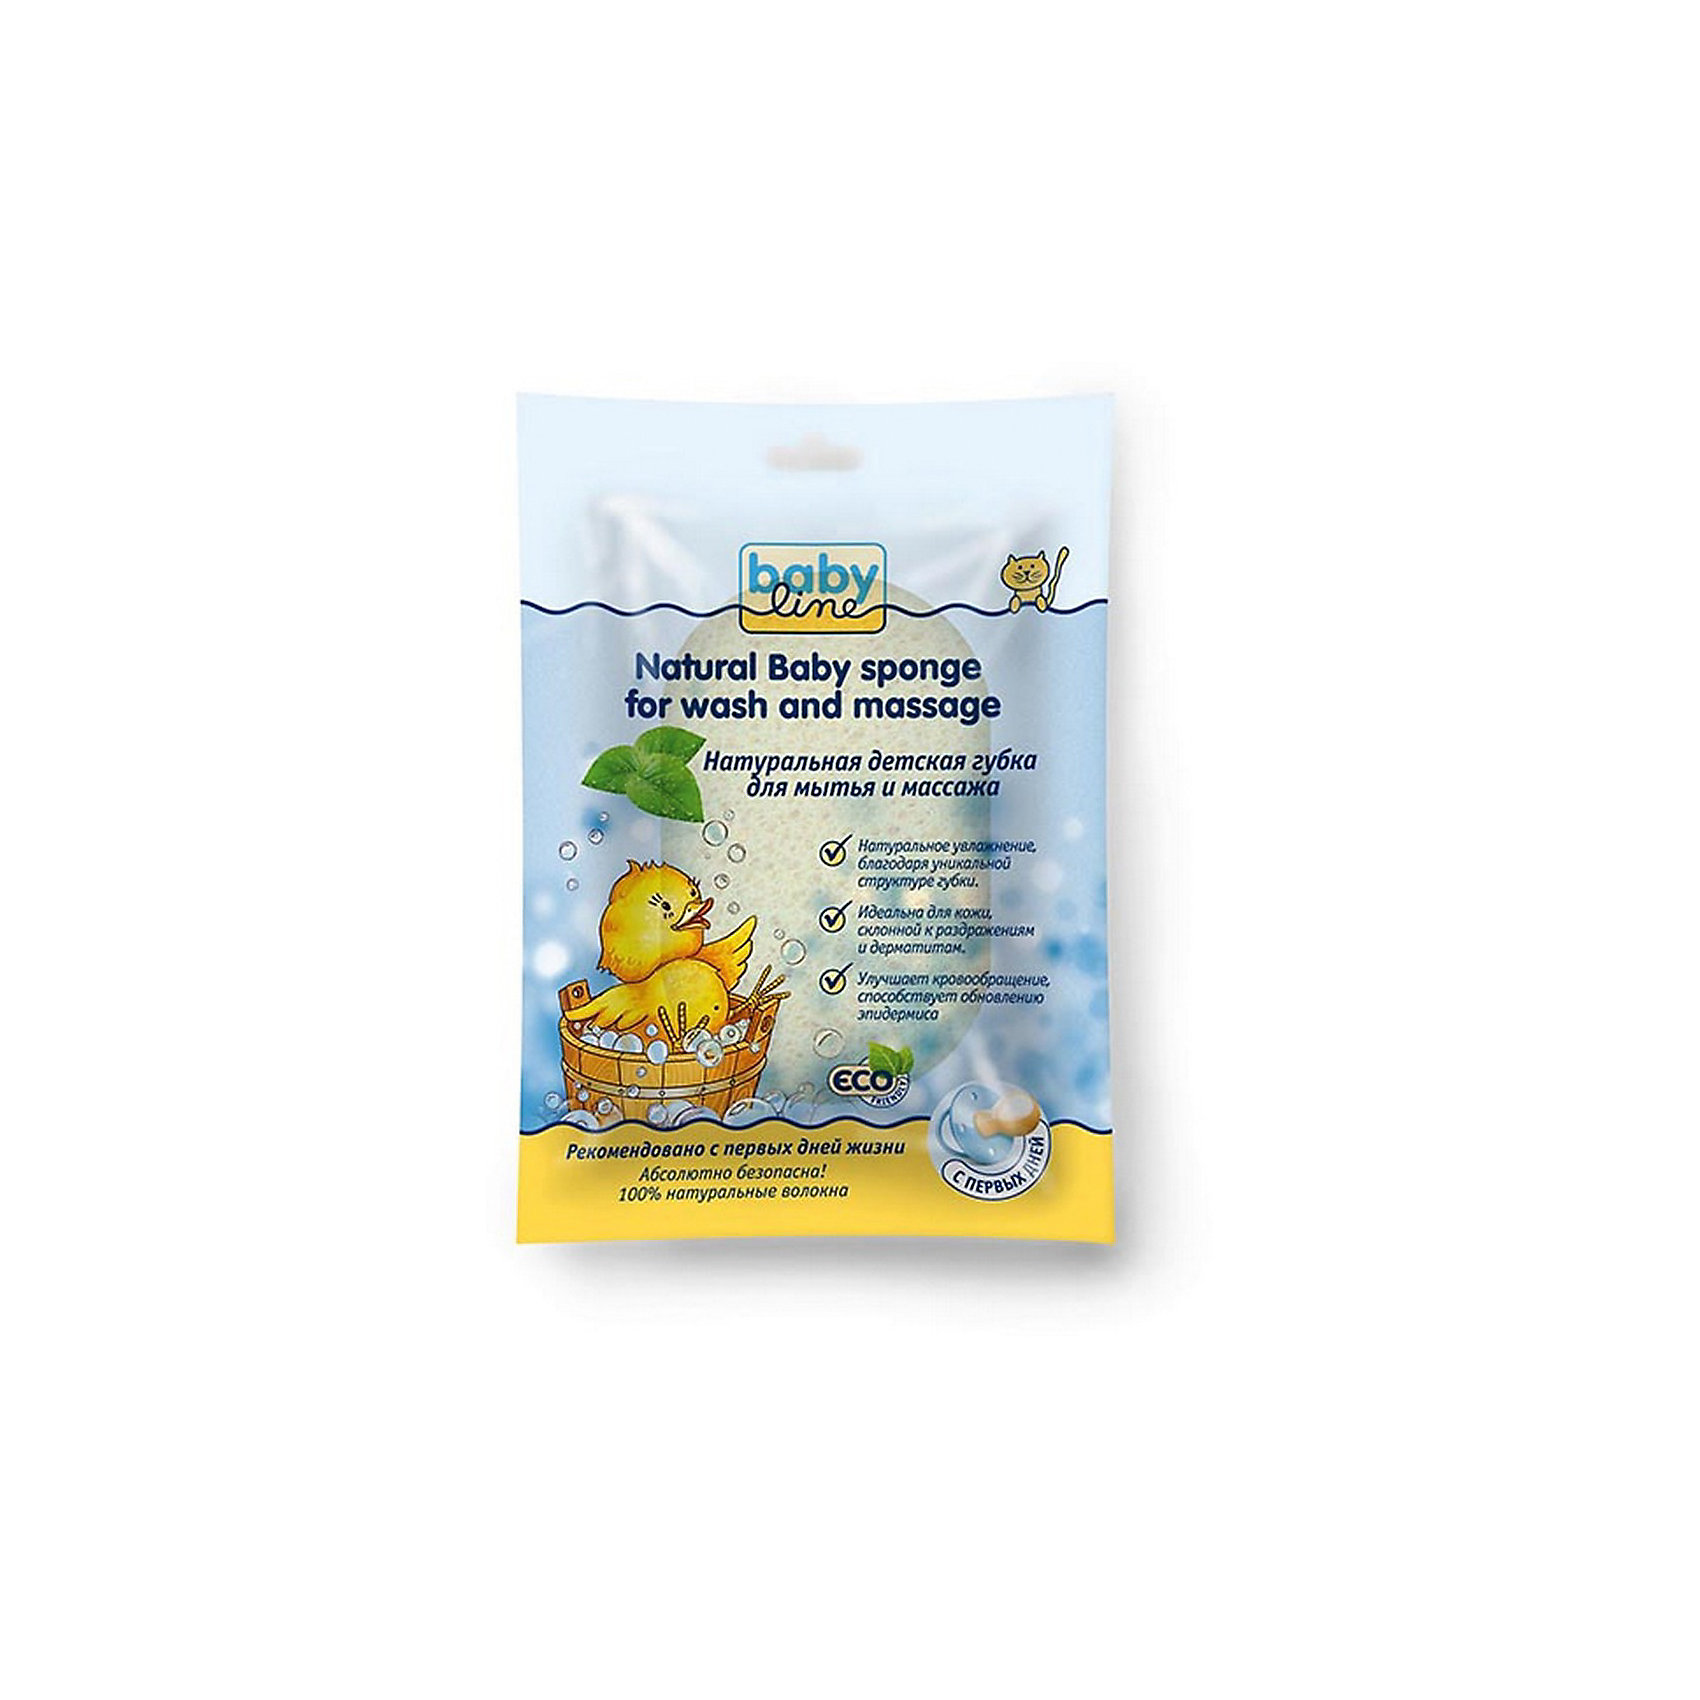 Натуральная детская губка для мытья и массажа с экстрактом Алоэ Вера, BabylineНатуральная детская губка для мытья и массажа с экстрактом Алоэ Вера, Babyline – мягкая и нежная, она идеально подходит для новорожденных малышей и людей с чувствительной кожей.<br><br>Губка BabyLine изготовлена из 100% волокон растения Конжак, уже более двух тысяч лет используемого в традиционной тибетской медицине. Губка отлично удаляет загрязнения, глубоко очищает поры кожи, возвращая ей натуральную мягкость и блеск. Также она стимулирует кровообращение и способствует обновлению эпидермиса. Губка с экстрактом Алоэ Вера лучше всего подходит для увлажнения кожи благодаря своей уникальной структуре и пропитке растения алоэ, а интенсивное питание кожи малыша возможно благодаря сбалансированному минеральному комплексу.<br><br>Дополнительная информация:<br><br>- вес: 50 г<br>- размер упаковки: 25х130х175 мм<br><br>Натуральная детская губка для мытья и массажа с экстрактом Алоэ Вера, Babyline – прекрасный помощник в очищении кожи малыша с первых дней жизни!<br><br>Натуральную детскую губку для мытья и массажа с экстрактом Алоэ Вера, Babyline можно купить в нашем магазине.<br><br>Ширина мм: 25<br>Глубина мм: 130<br>Высота мм: 177<br>Вес г: 50<br>Возраст от месяцев: 0<br>Возраст до месяцев: 60<br>Пол: Унисекс<br>Возраст: Детский<br>SKU: 3713833